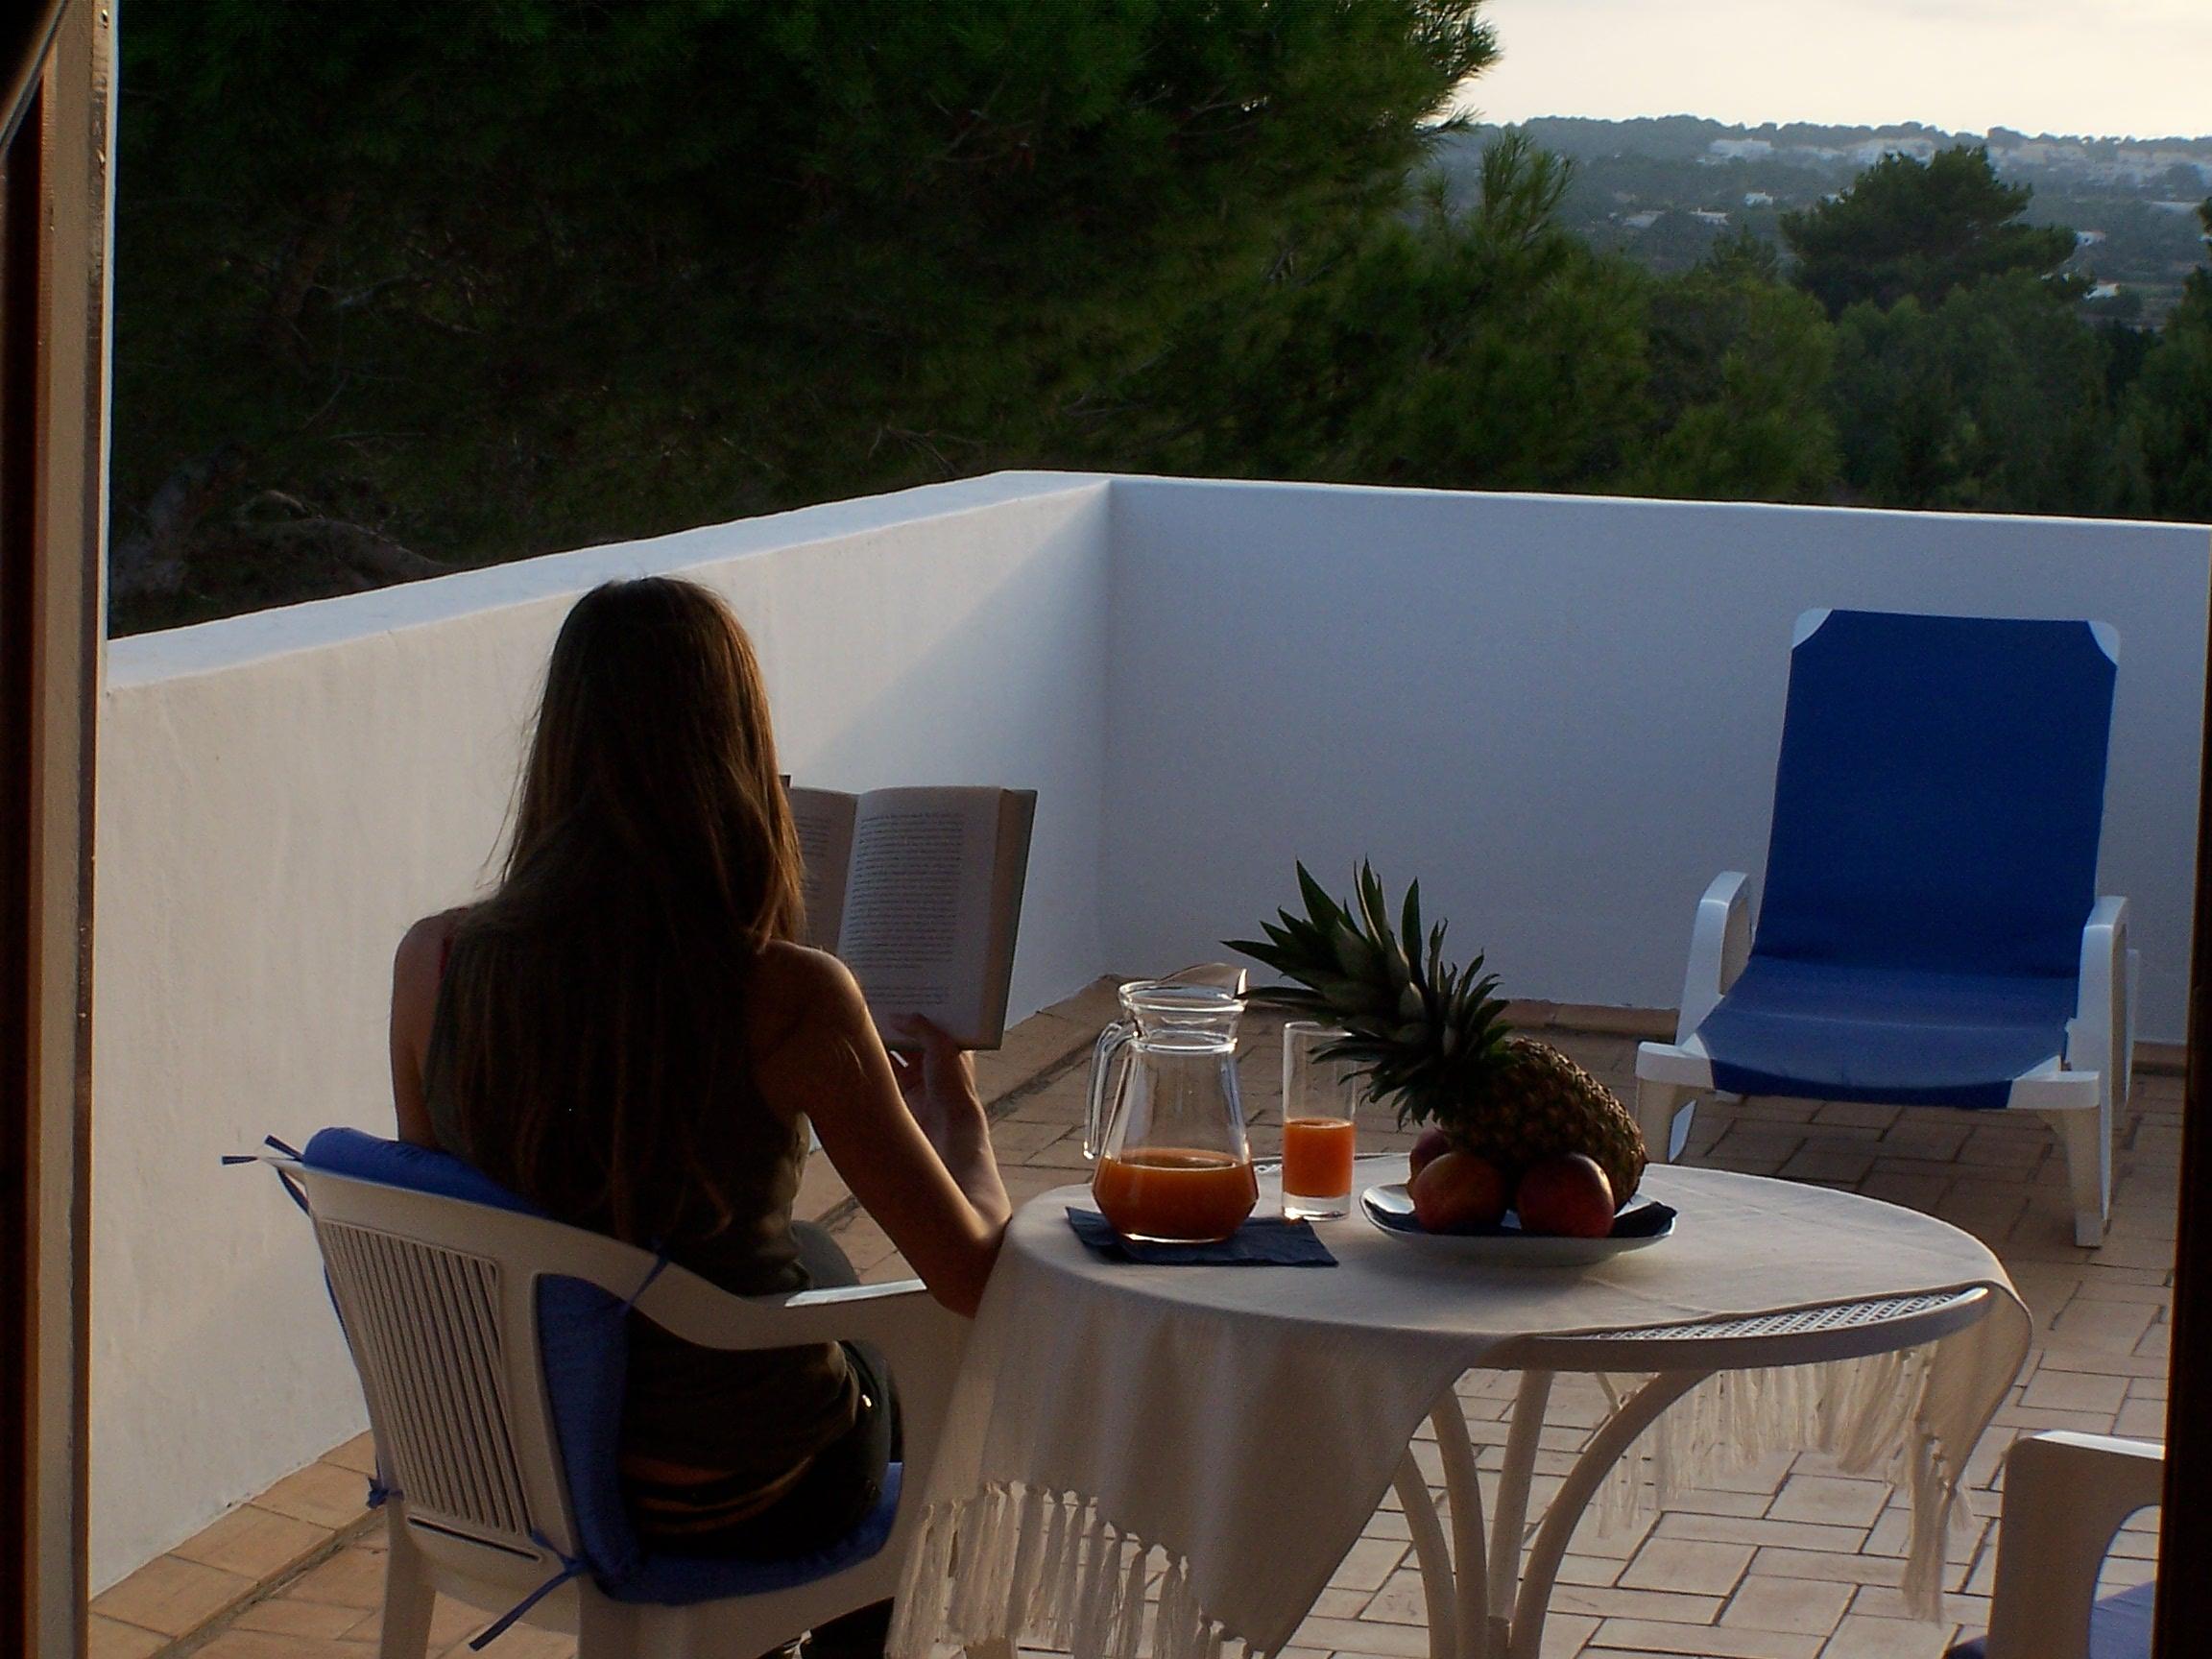 Estudio vacacional en Formentera. Terraza privada con vistas. Alojamientos turísticos Cardona